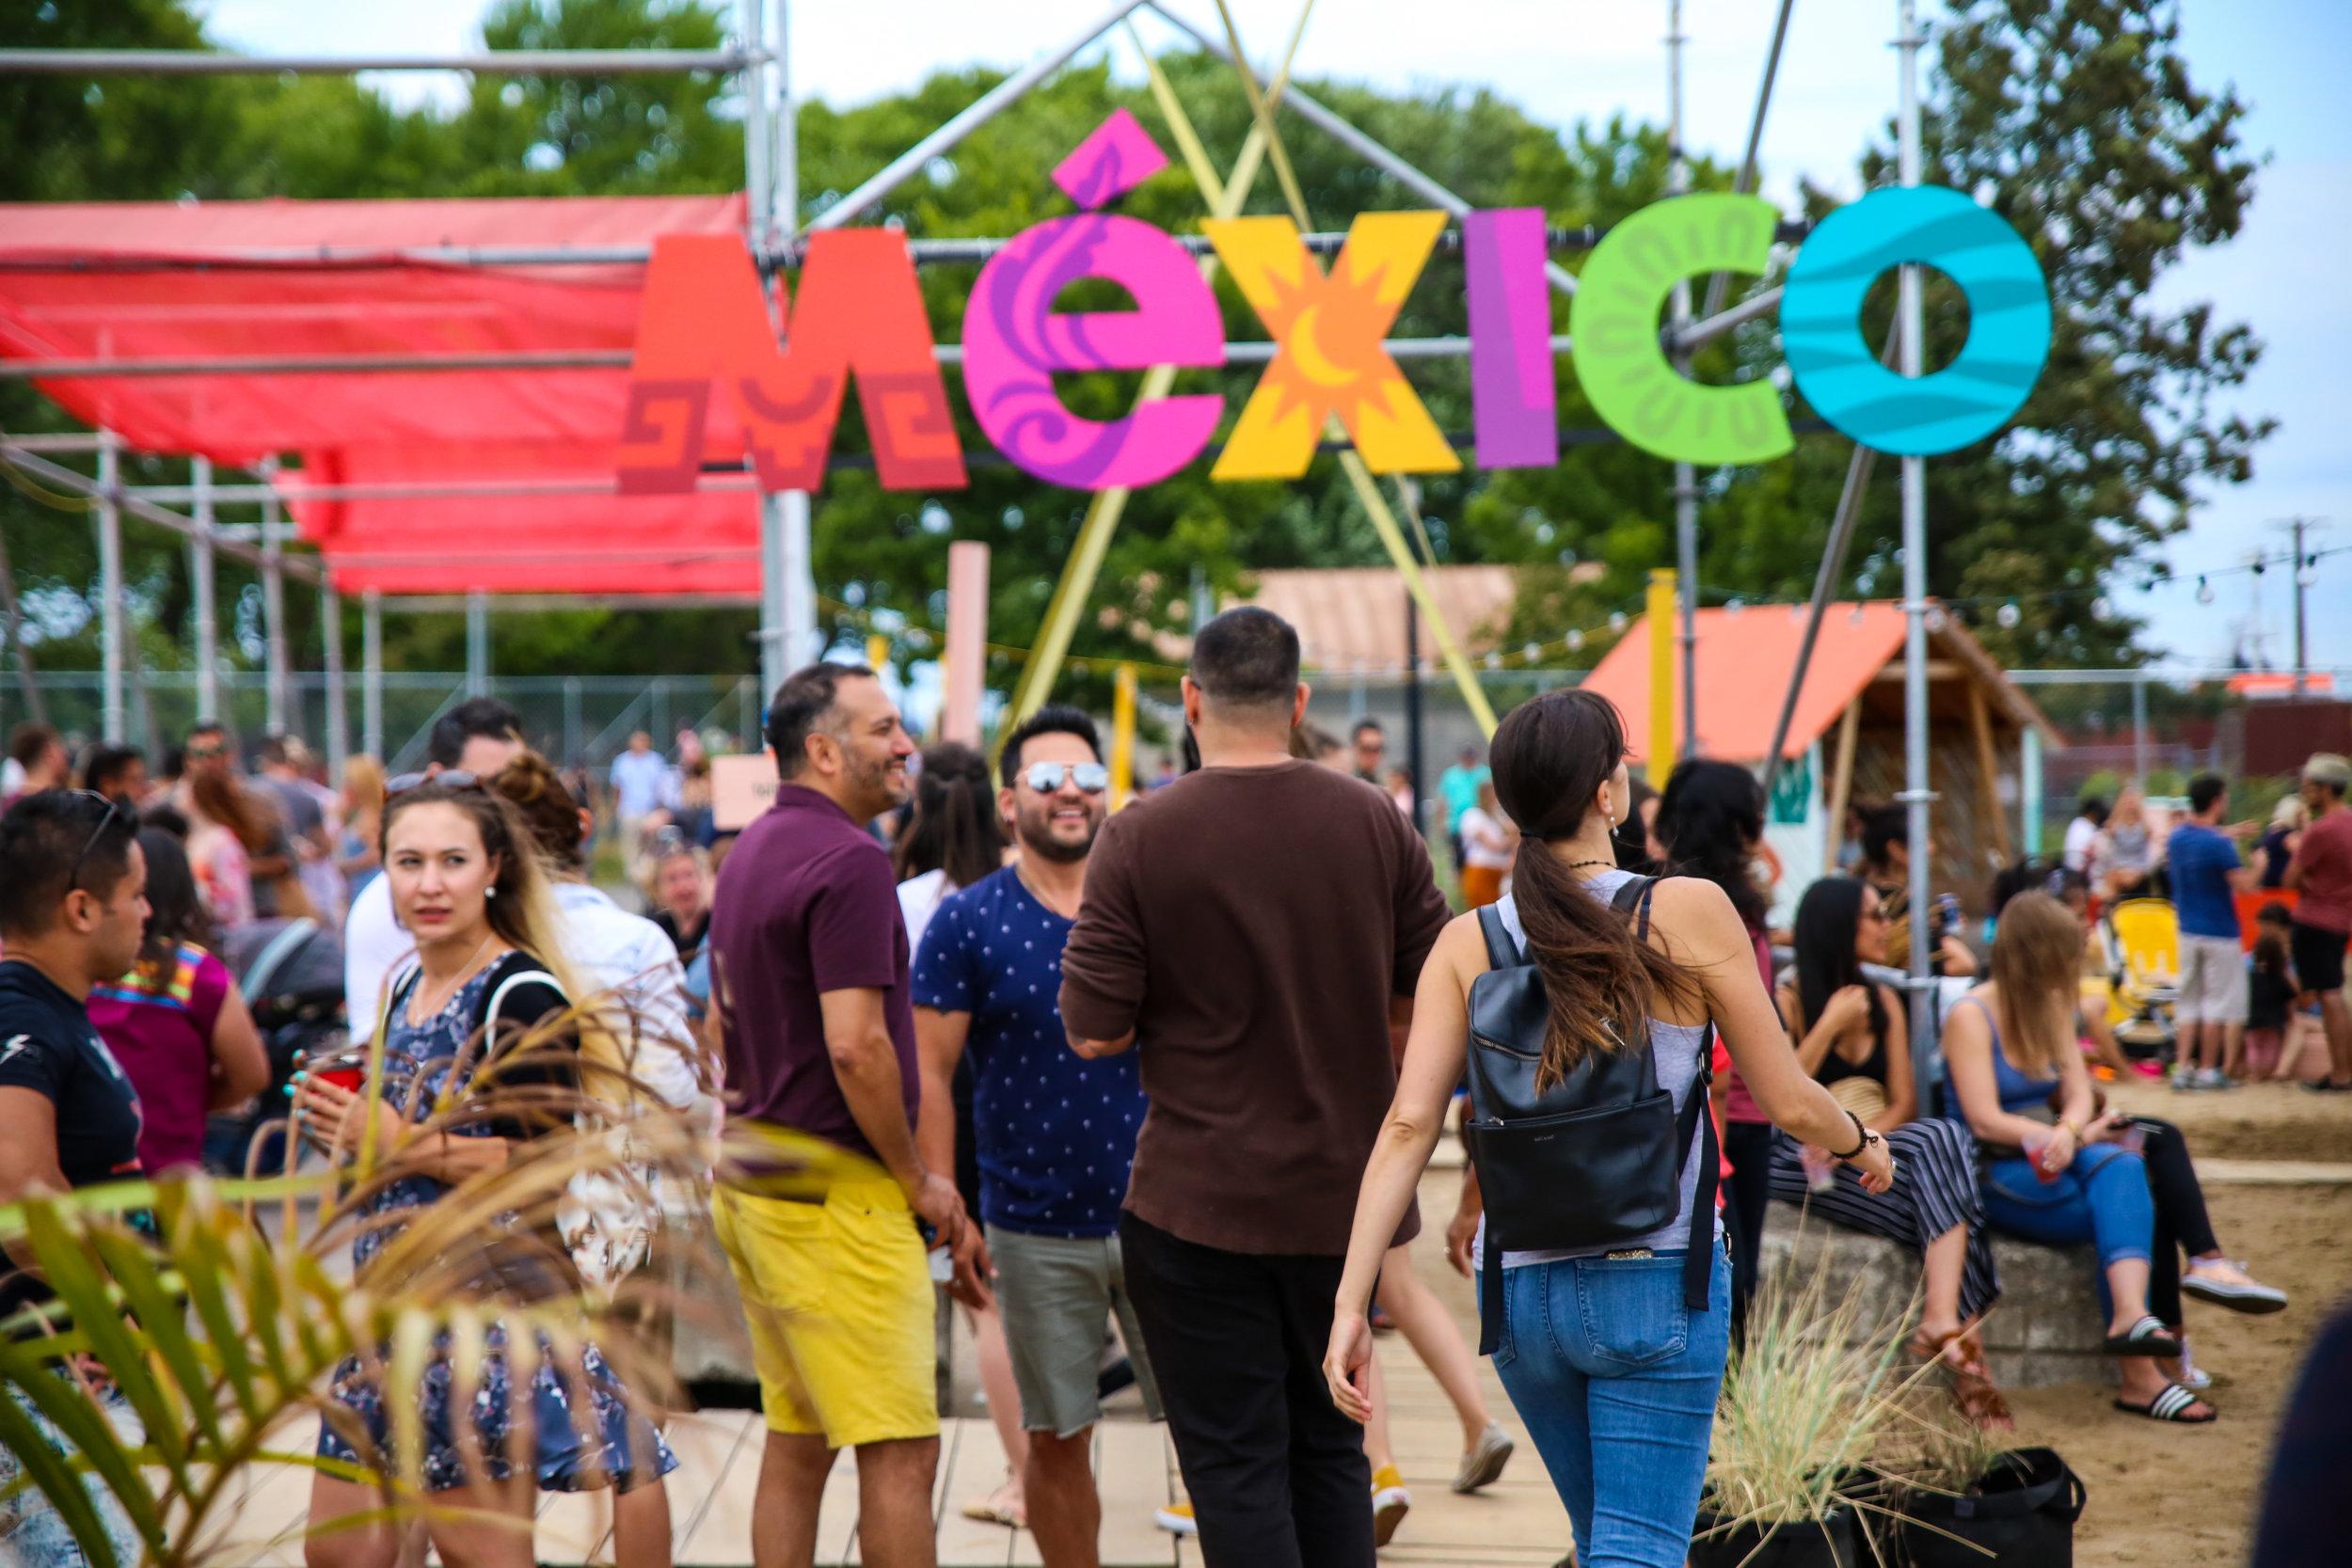 Mexico au Pied-du-Courant - Photos: Marie-Ève Dion